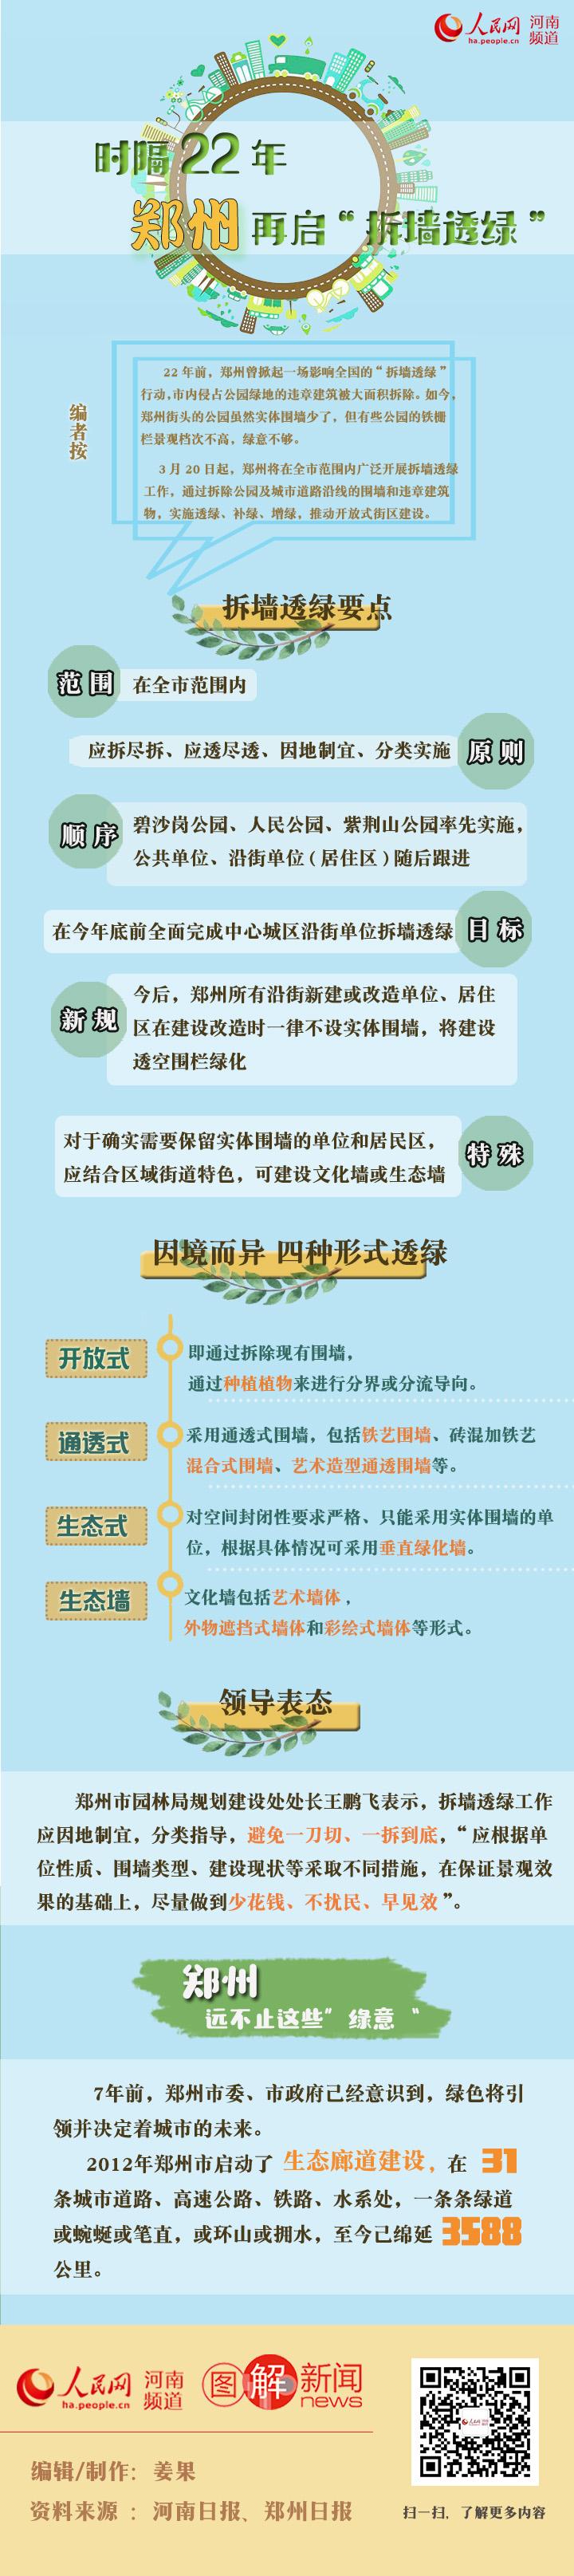 """【图解】时隔22年郑州再启""""拆墙透绿"""" 推动开放性社区建设"""